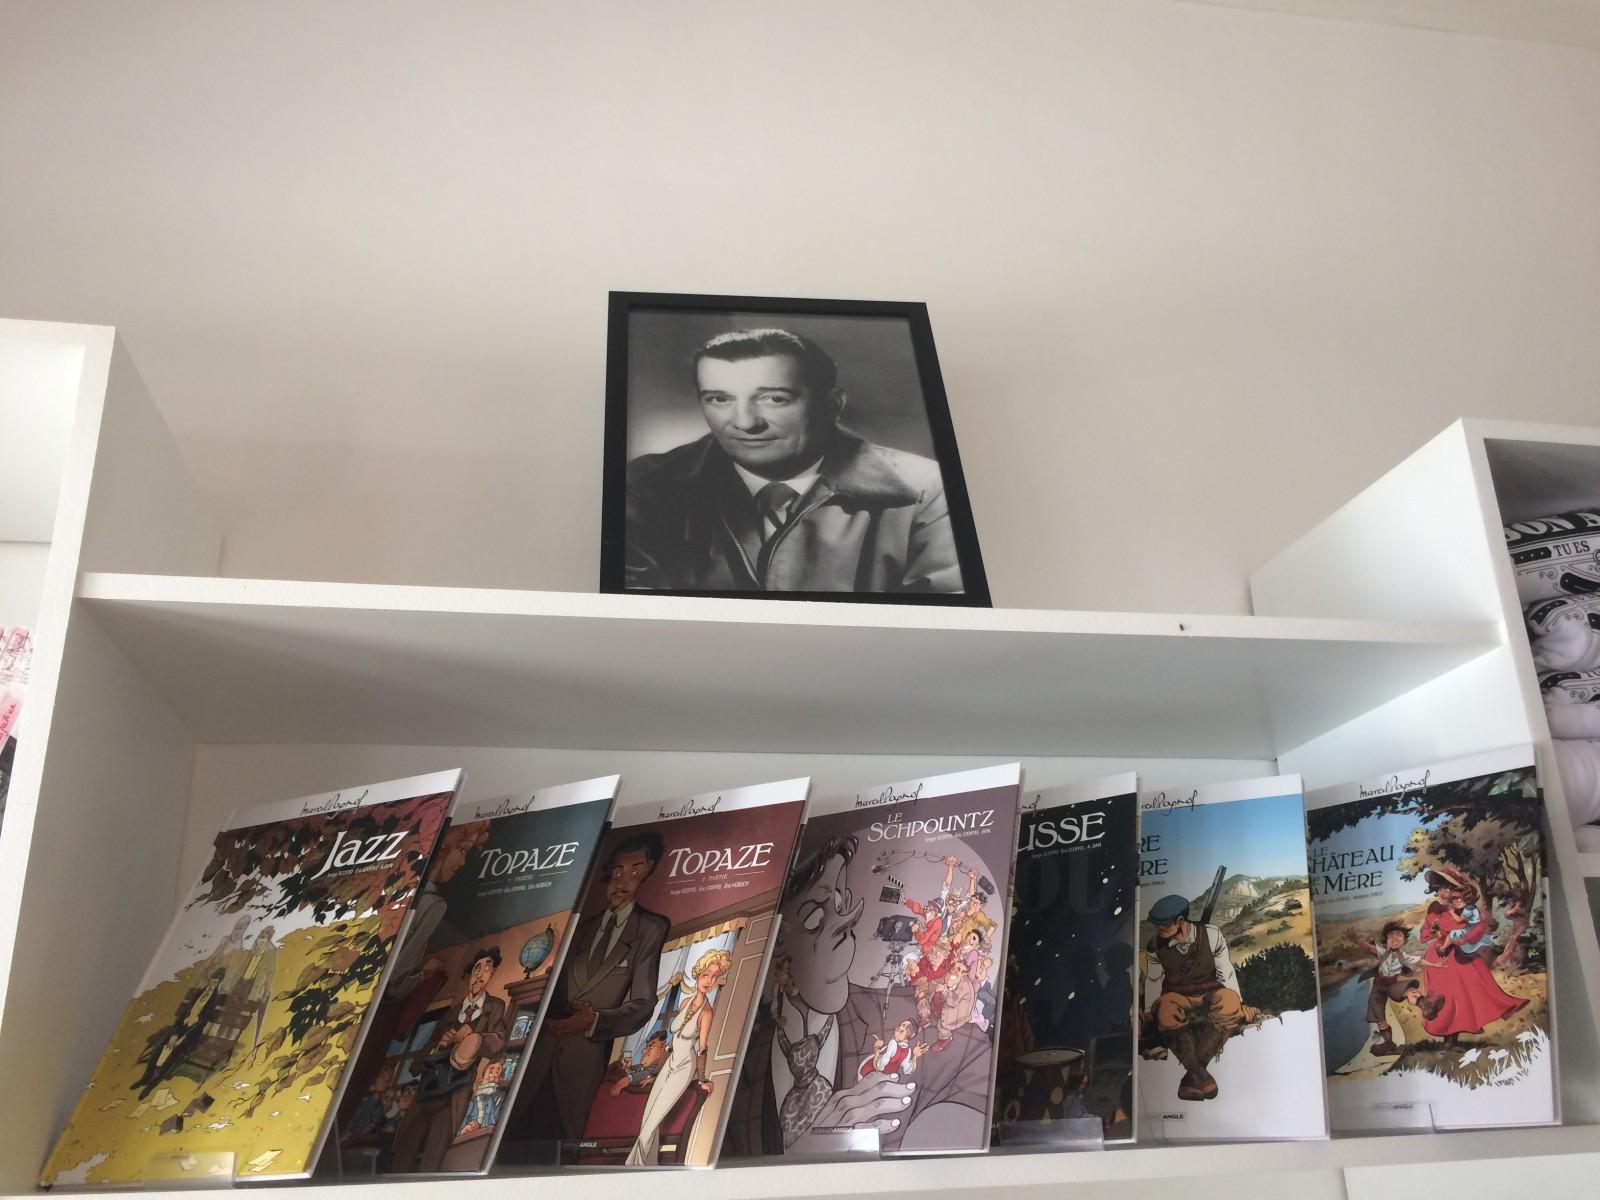 Les bandes dessinées, plus ludiques, emmèneront les jeunes à aimer l'oeuvre de Marcel Pagnol. ©MD